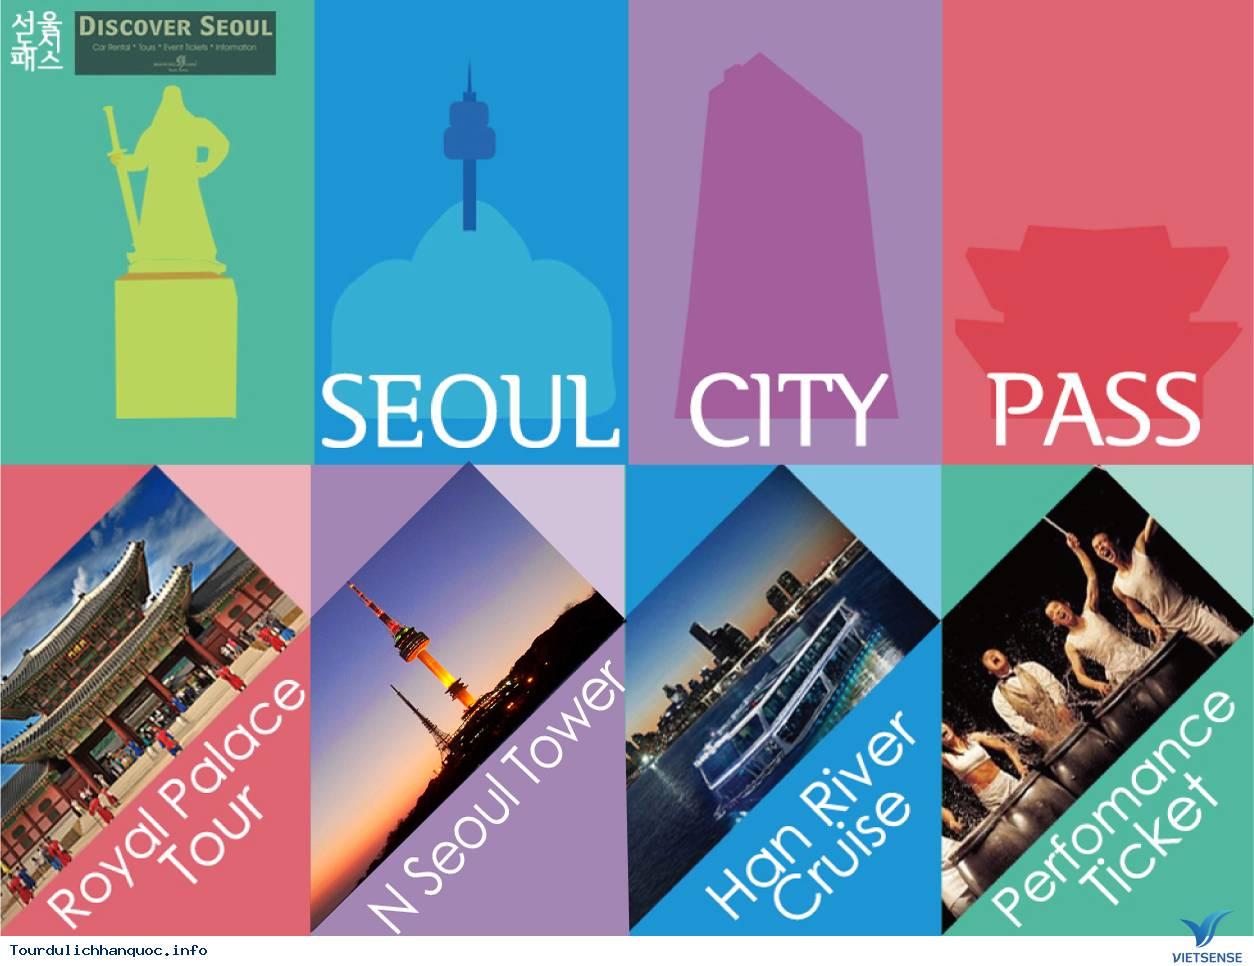 Du Lịch Hàn Quốc Và Sử Dụng Thẻ Giao Thông Tiện Lợi - Ảnh 2